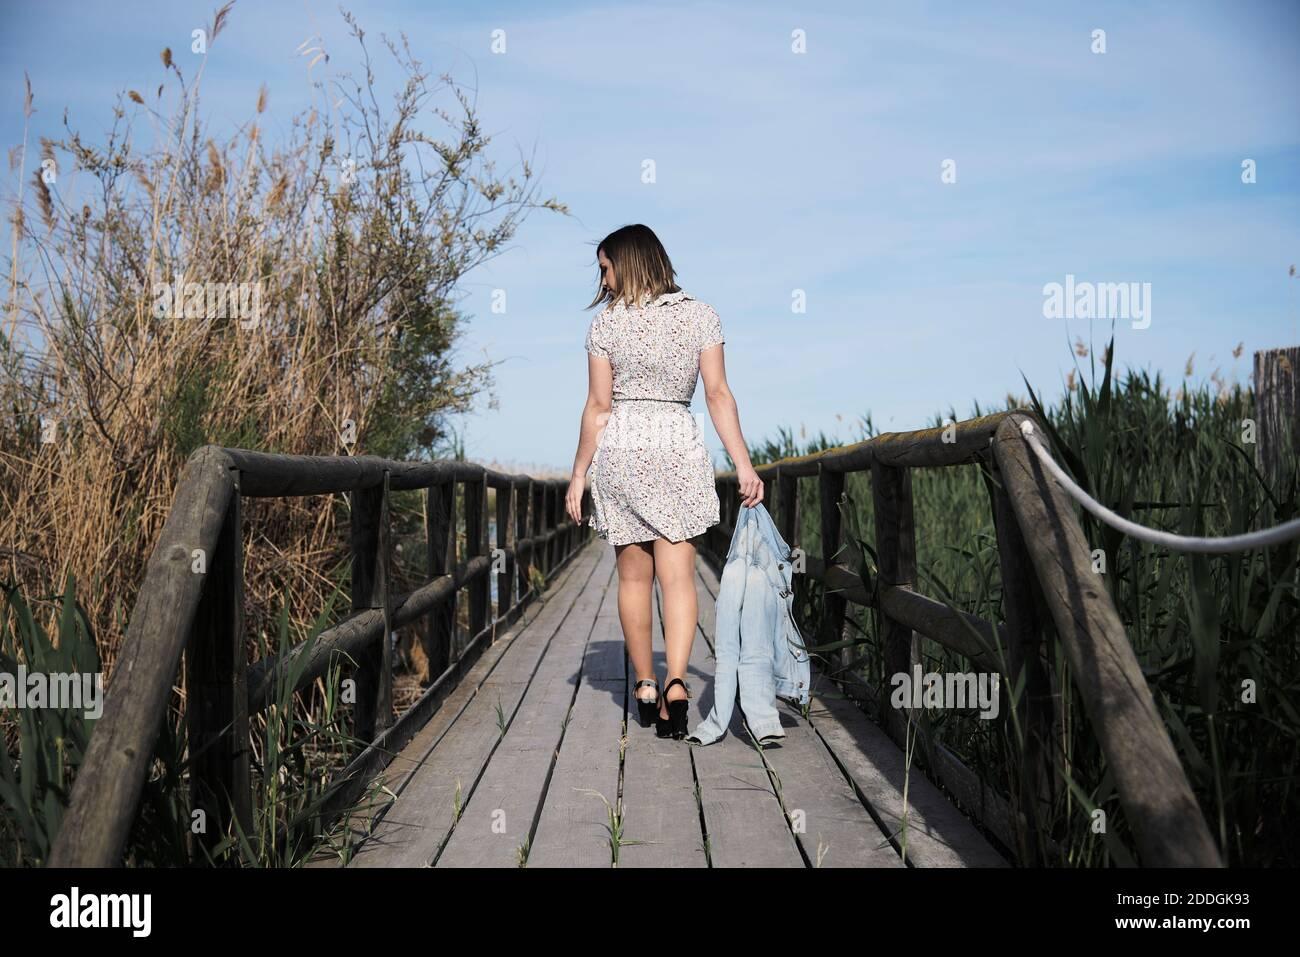 Vue intégrale sur le dos de la jeune femme en robe décontractée avec une veste à la main se promenant sur une passerelle en bois parmi les hauts herbe sèche par beau temps Banque D'Images